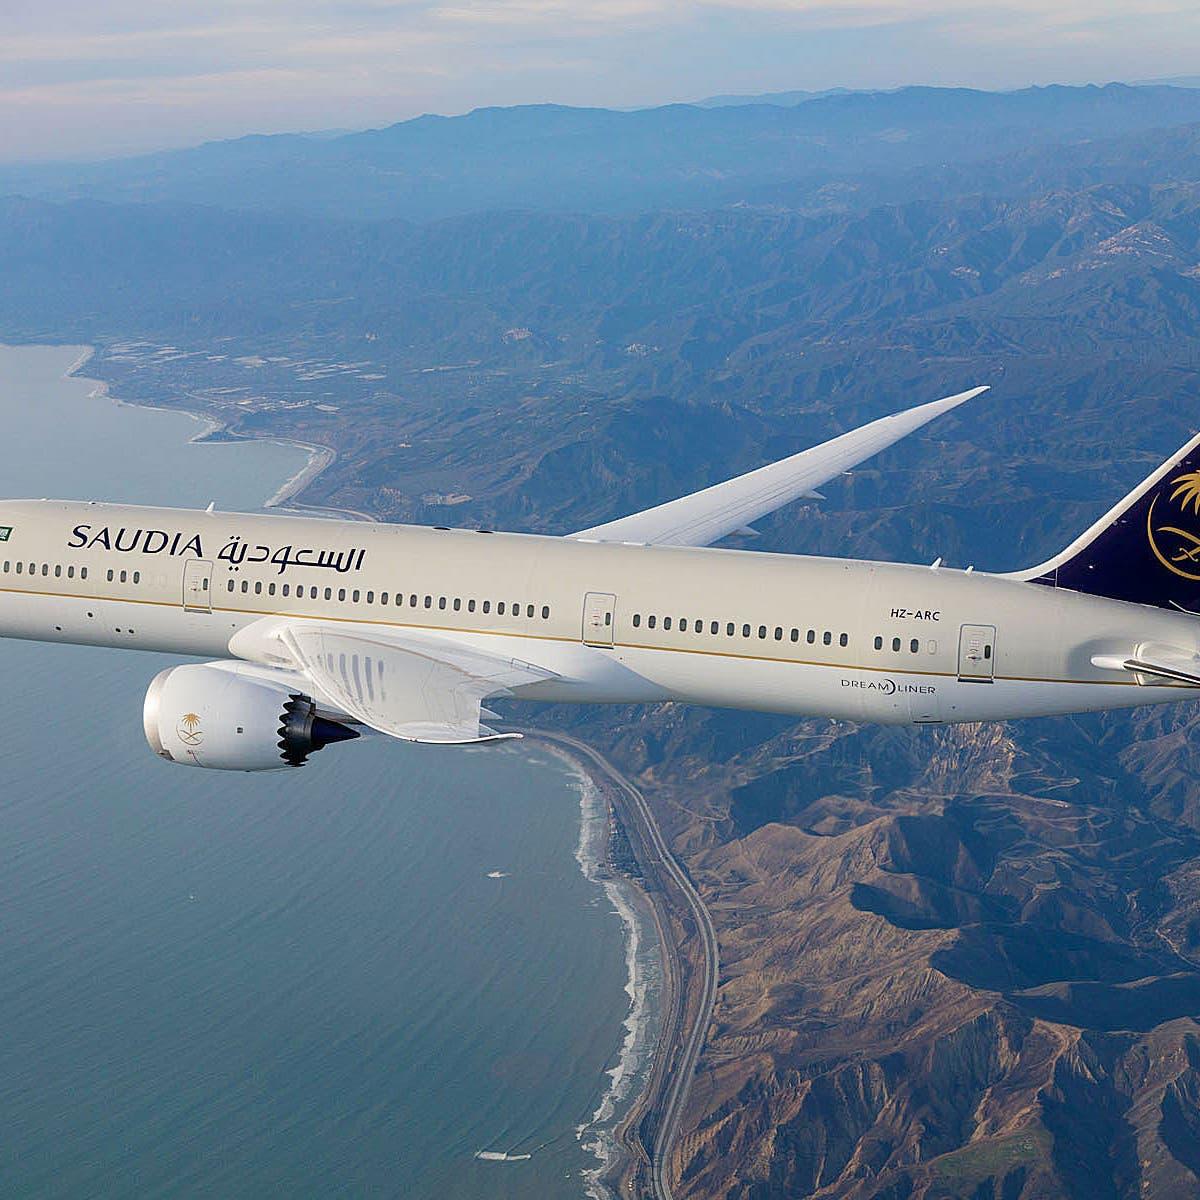 السعودية توفر نصف مليون مقعد لهذه الرحلات بزيادة 12%